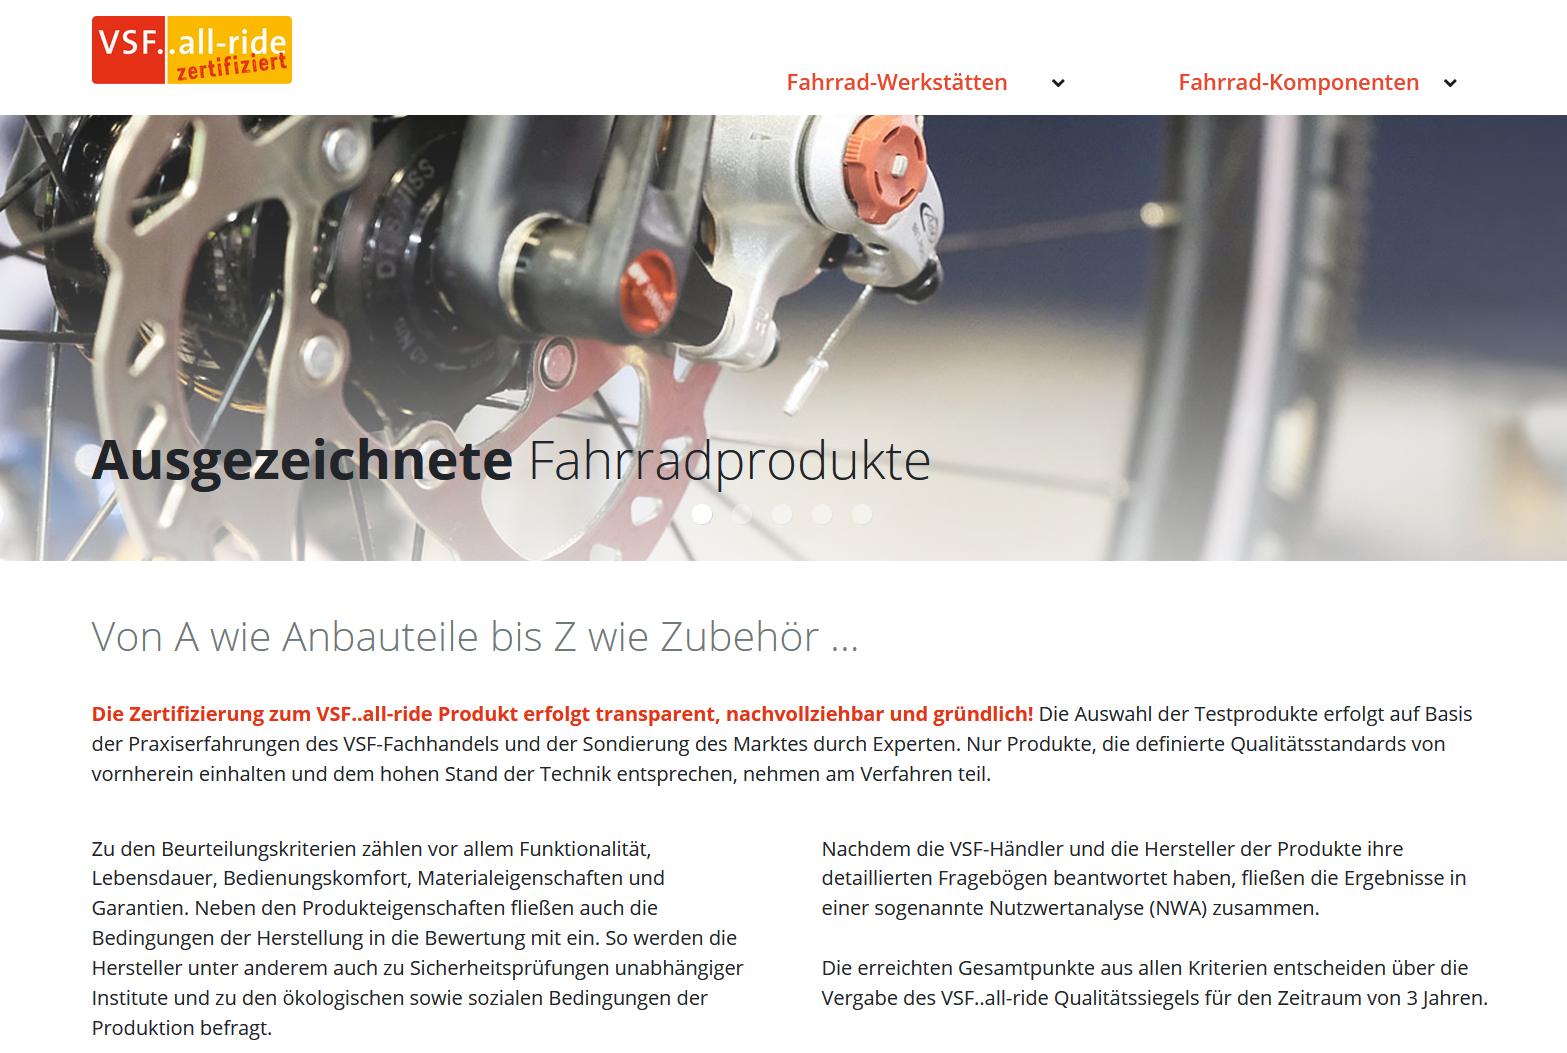 VSF 'all-ride' Qualitätssiegel mit neuer Website